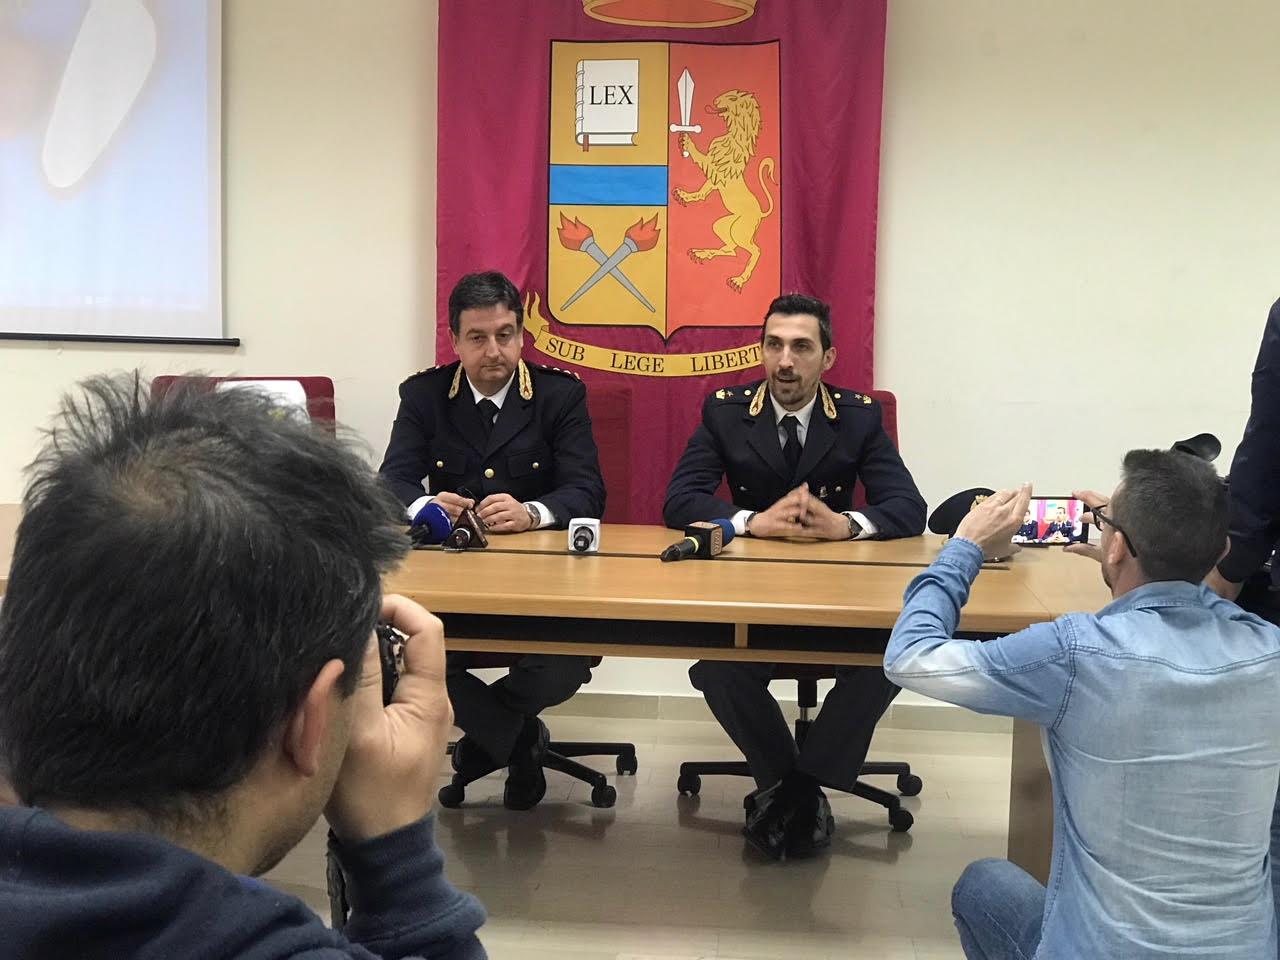 'YouPol', presentata in Questura l'app della Polizia di Stato